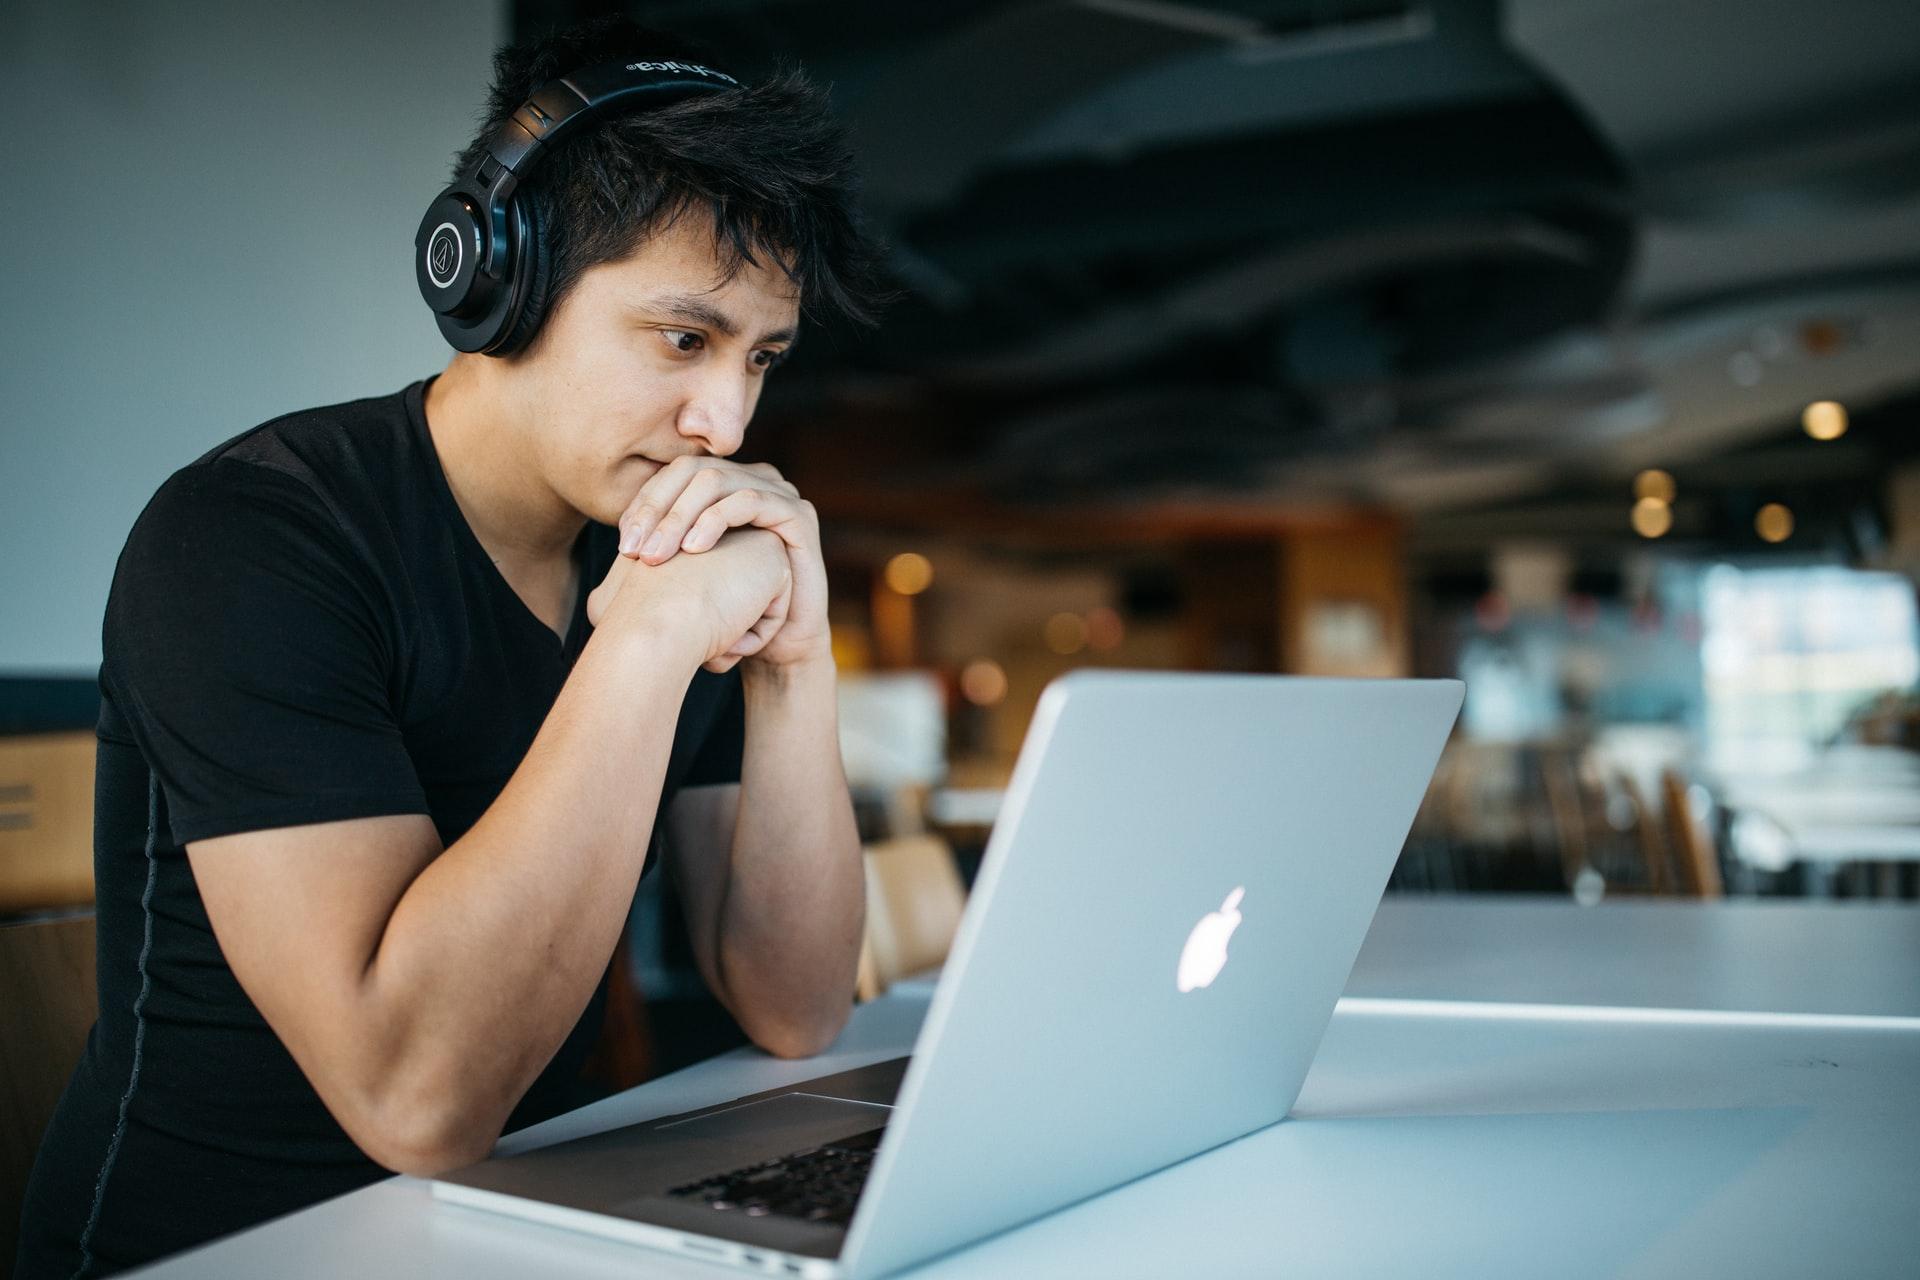 オンラインでプログラミングを学ぶ人